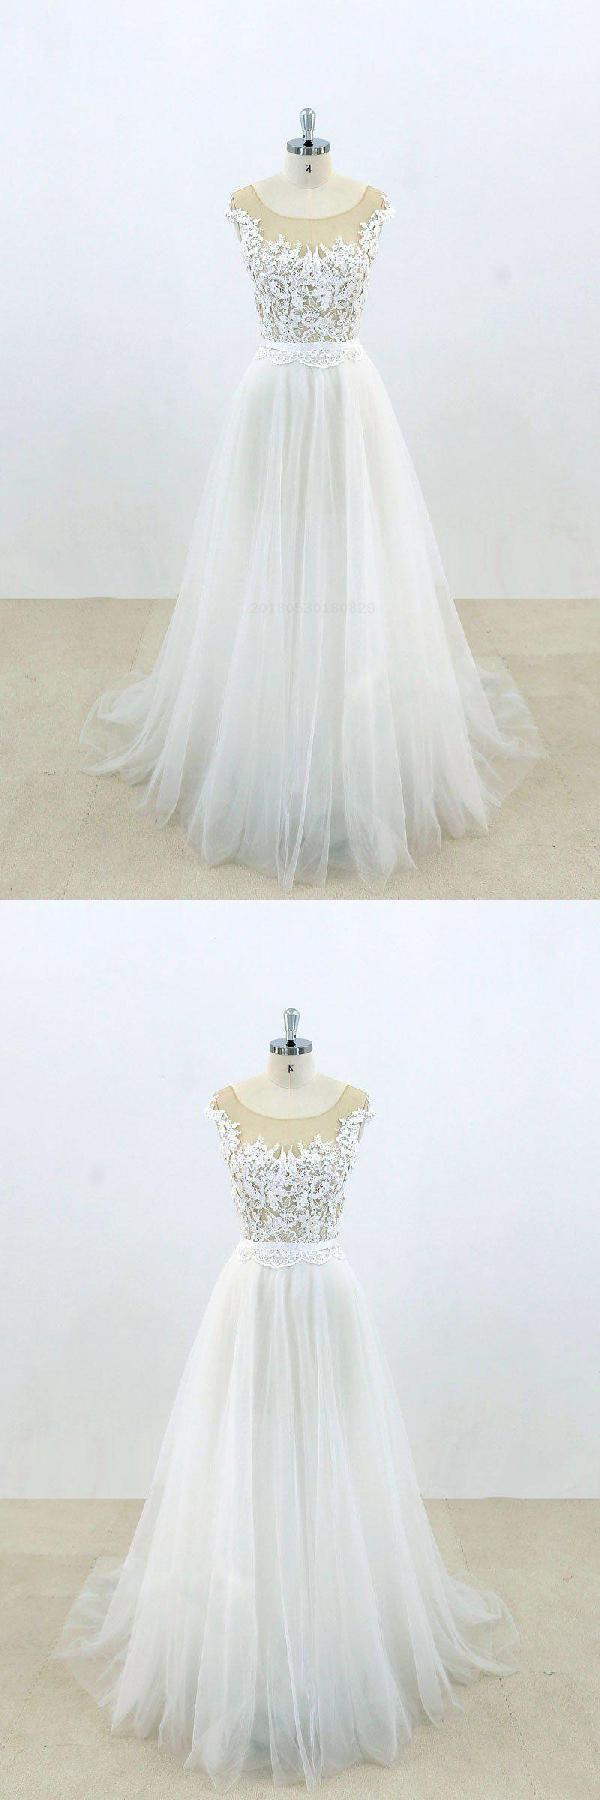 White prom dresses long prom dresses prom dresses lace white lace